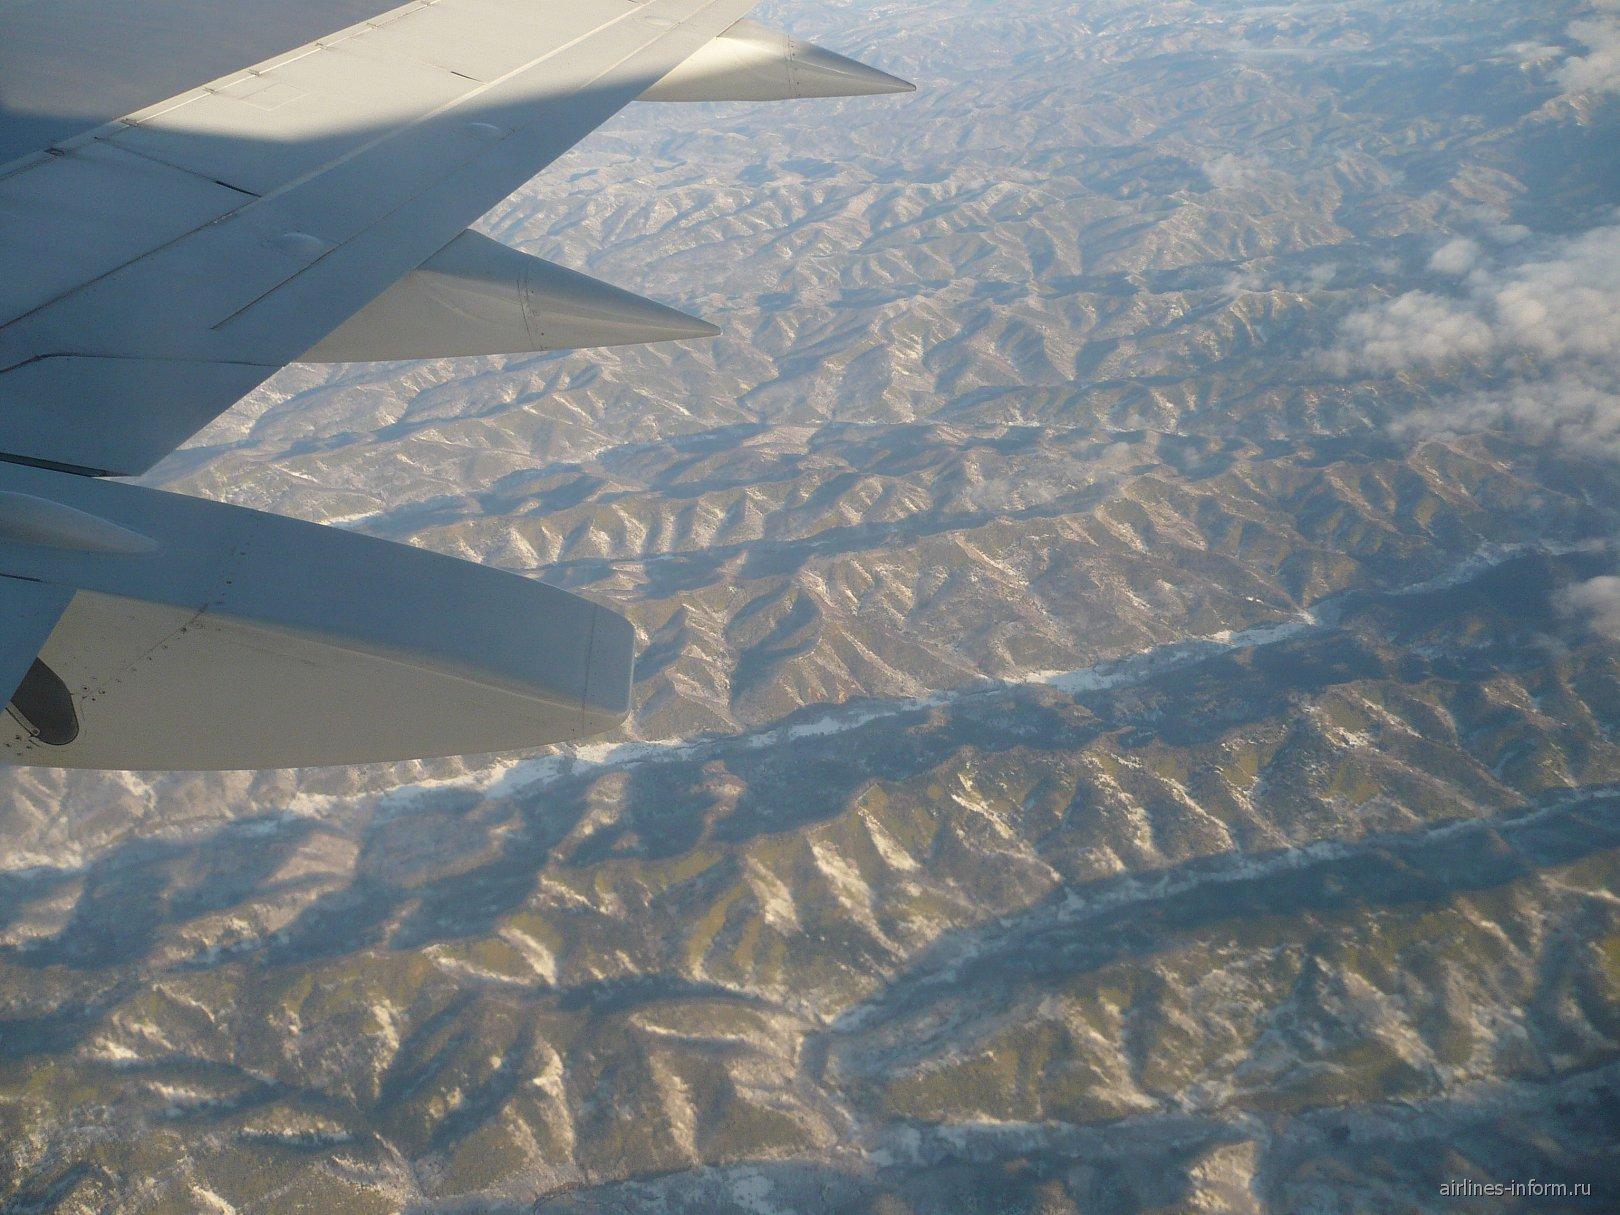 Из зимы в лето... Перелет UUS-ICN (Аврора) ICN-SGN (Korean Air) SGN-CXR (Vietnam Airlines). Ноябрь-декабрь 2014 г.